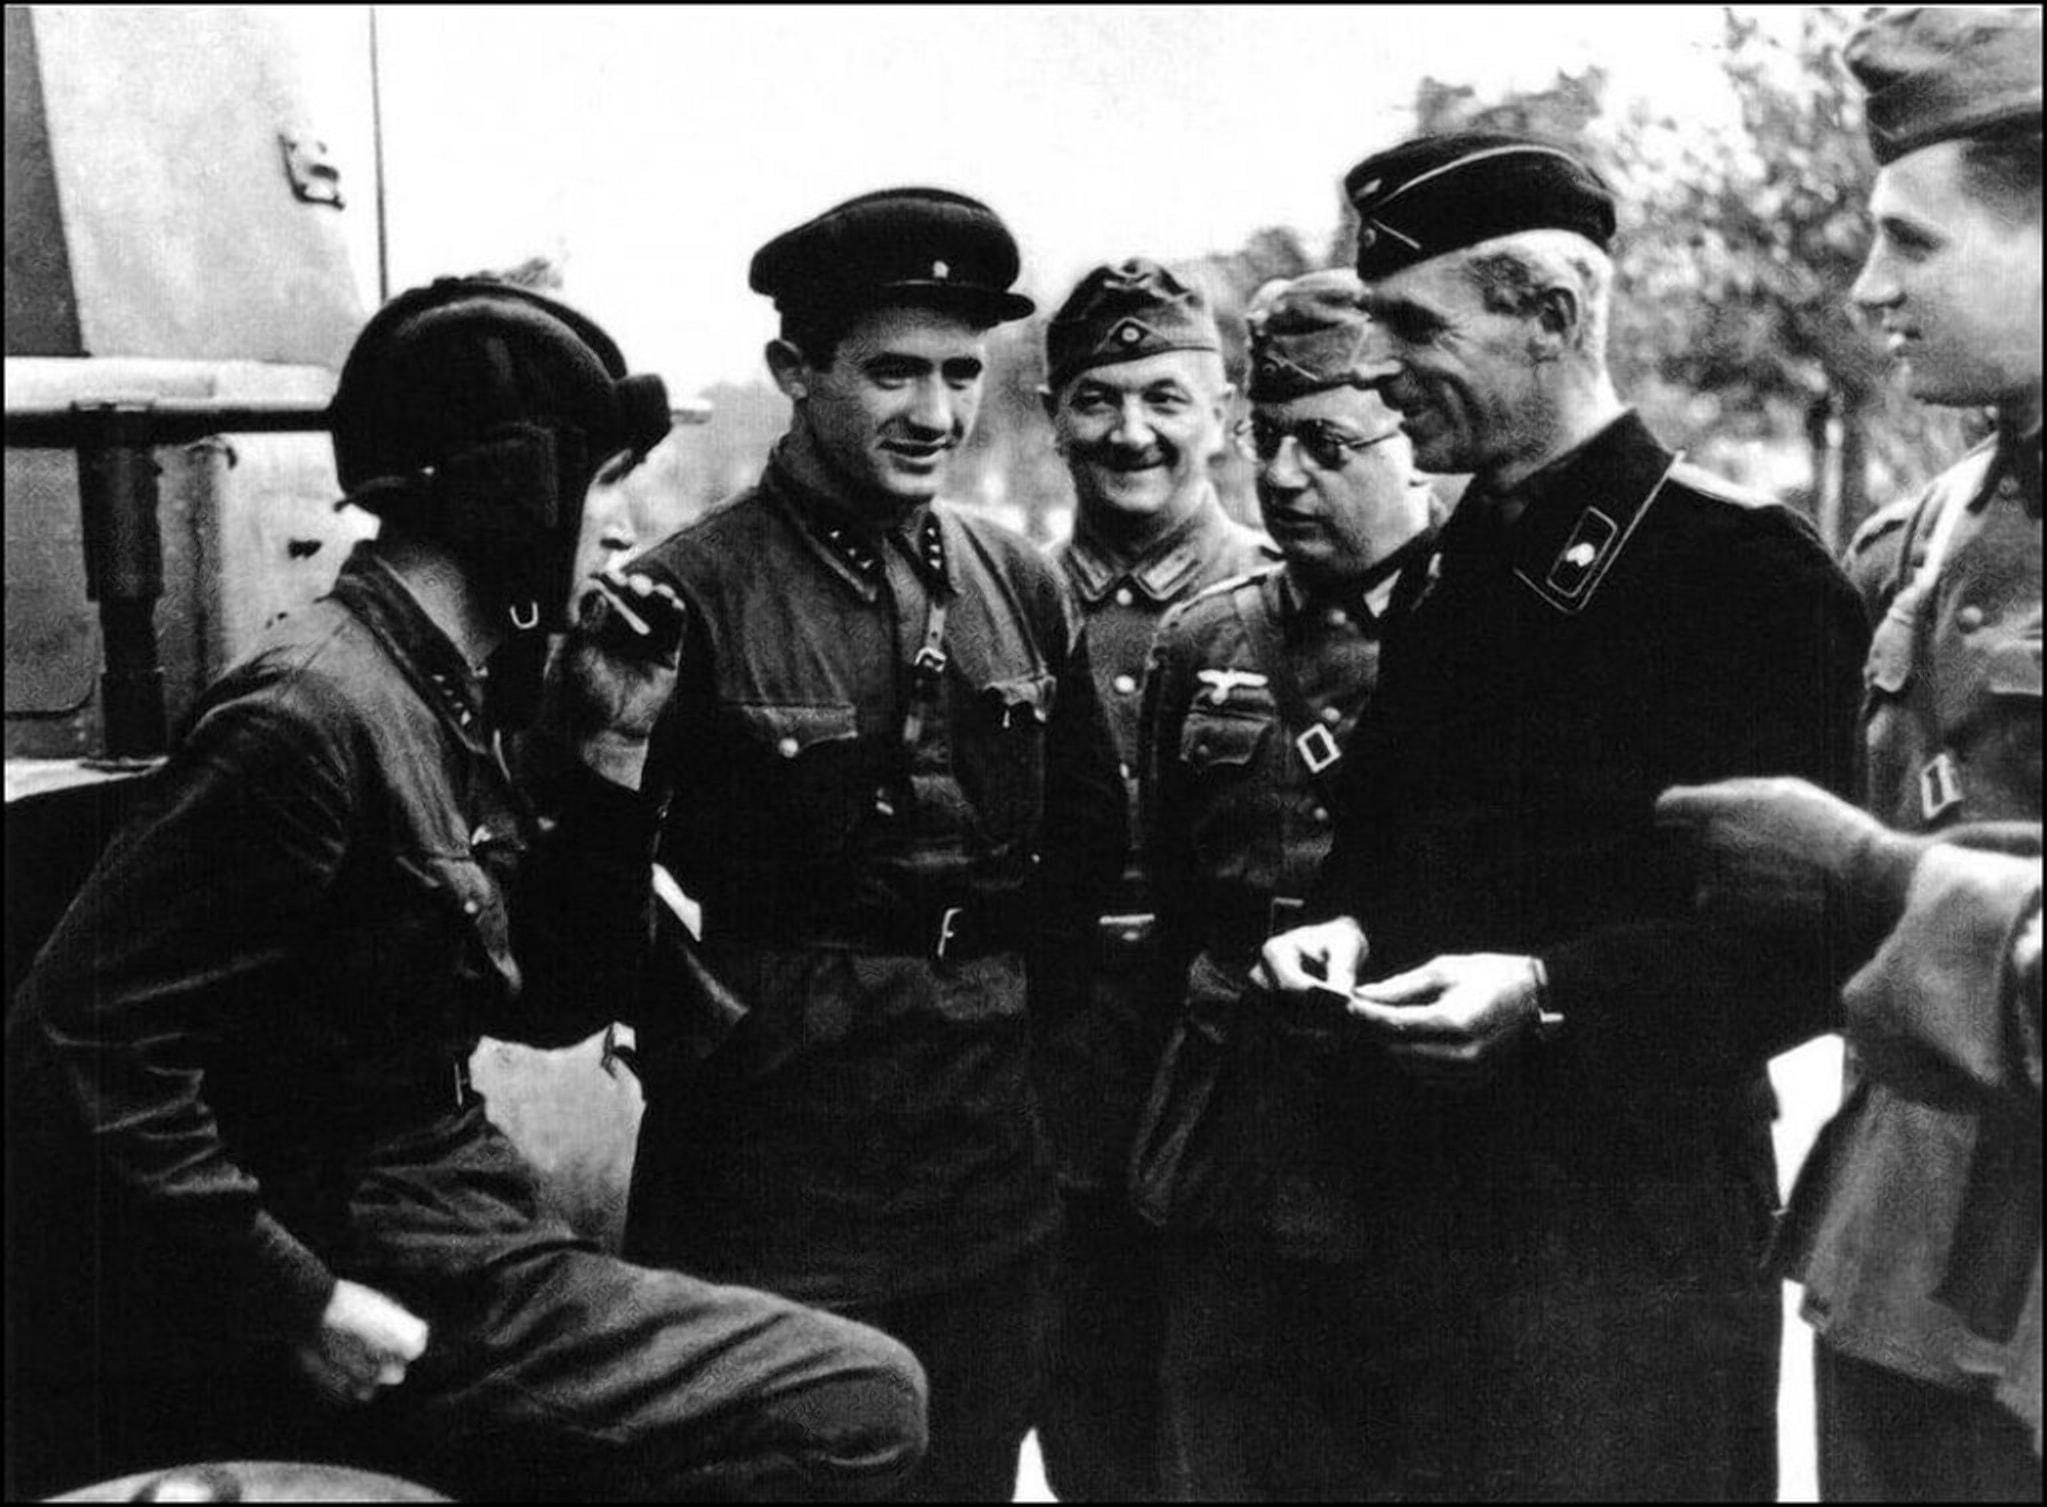 Советские и немецкие танкисты на улицах Бреста 23.09.1939